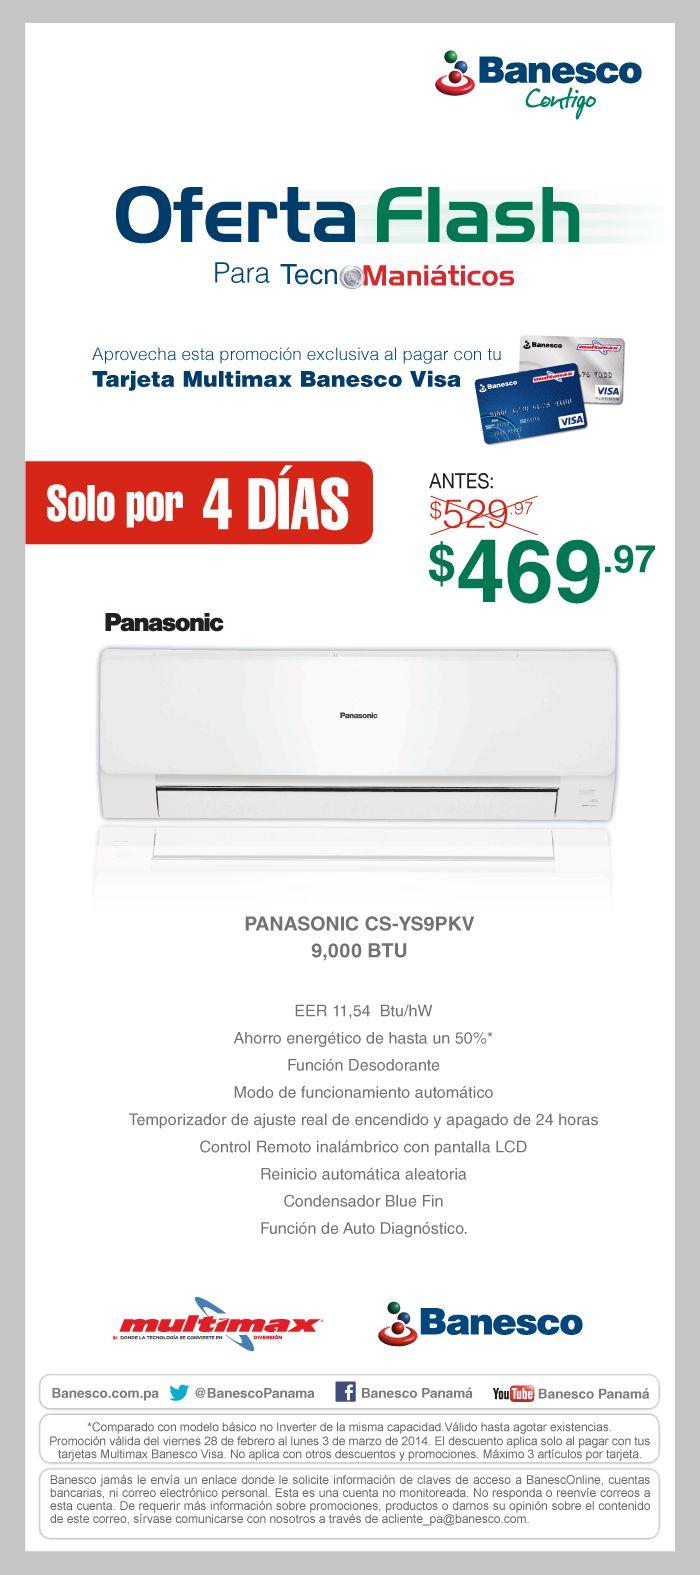 ¡Oferta Flash para Tecnomaniaticos! Aire Acondicionado Panasonic de 9,000BTU a solo $469.97 (precio regular $529.97) al pagar con la tarjeta Multimax Banesco Visa SOLO POR 4 DIAS.